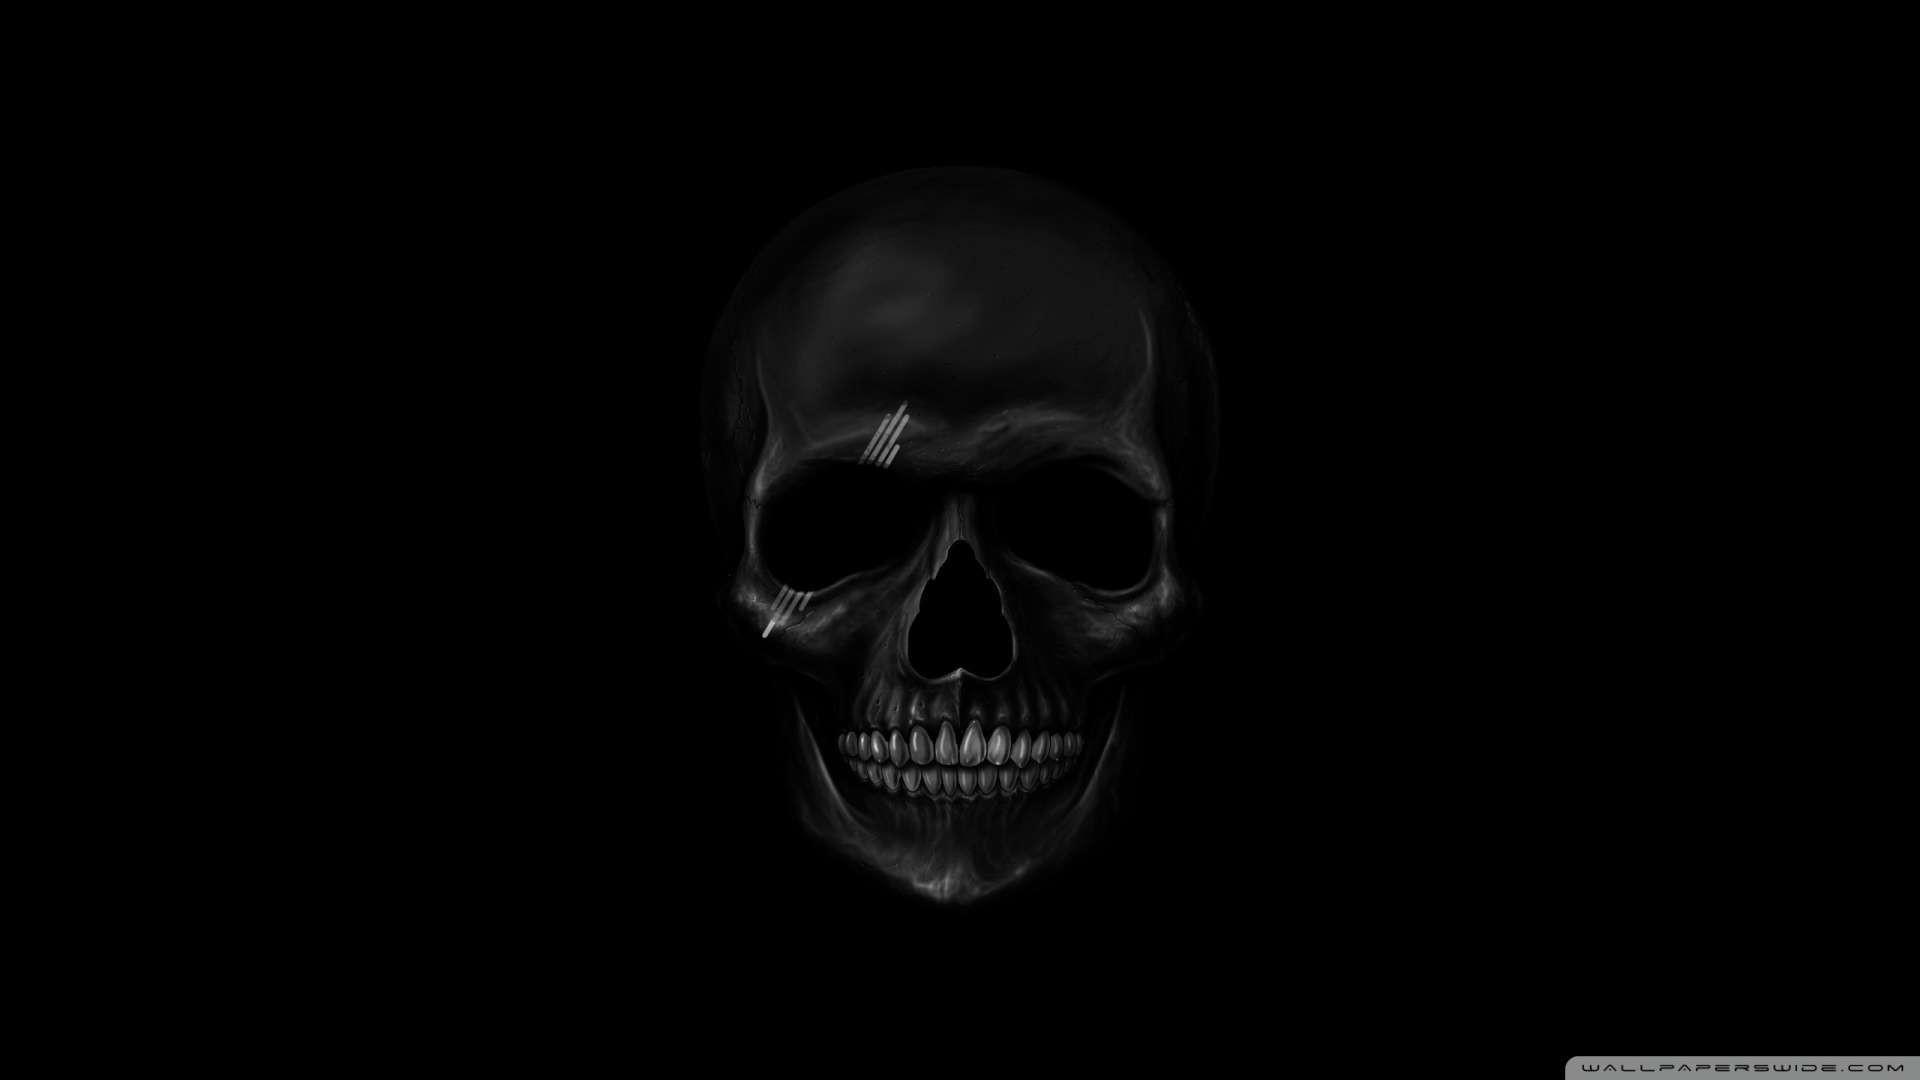 Unduh 200+ Wallpaper Black Image  Paling Keren